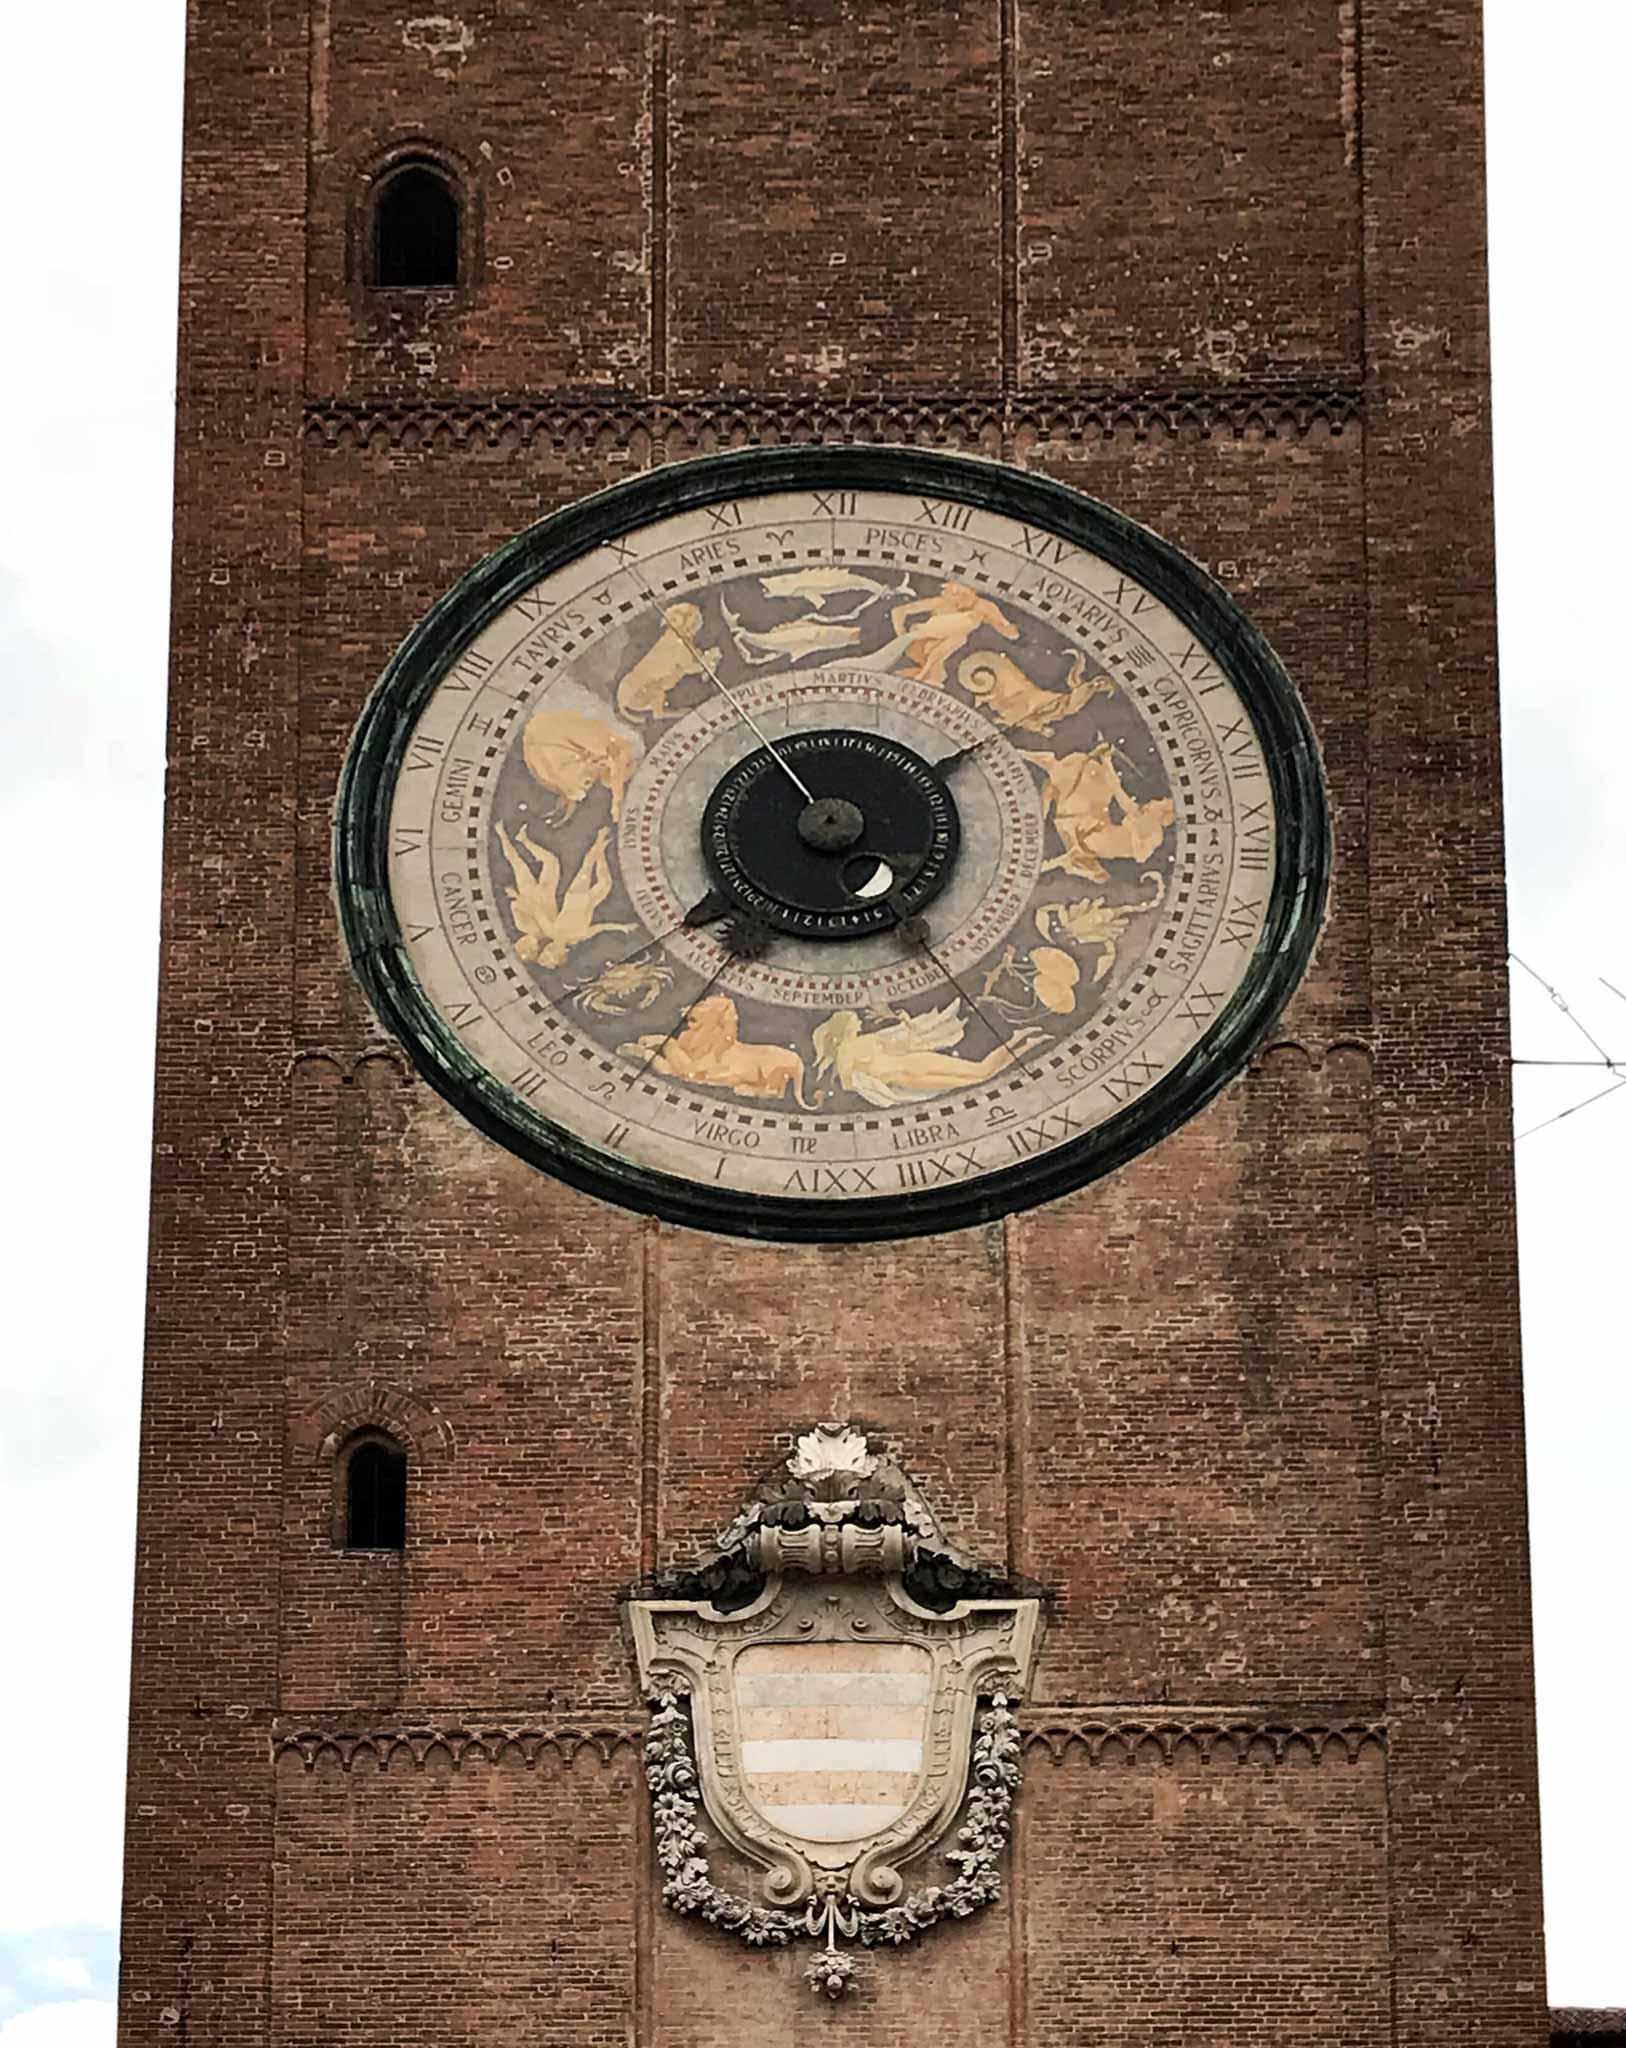 Torrazzo-Cremona-facciata-orologio-astronomico-Francesco-Divizioli